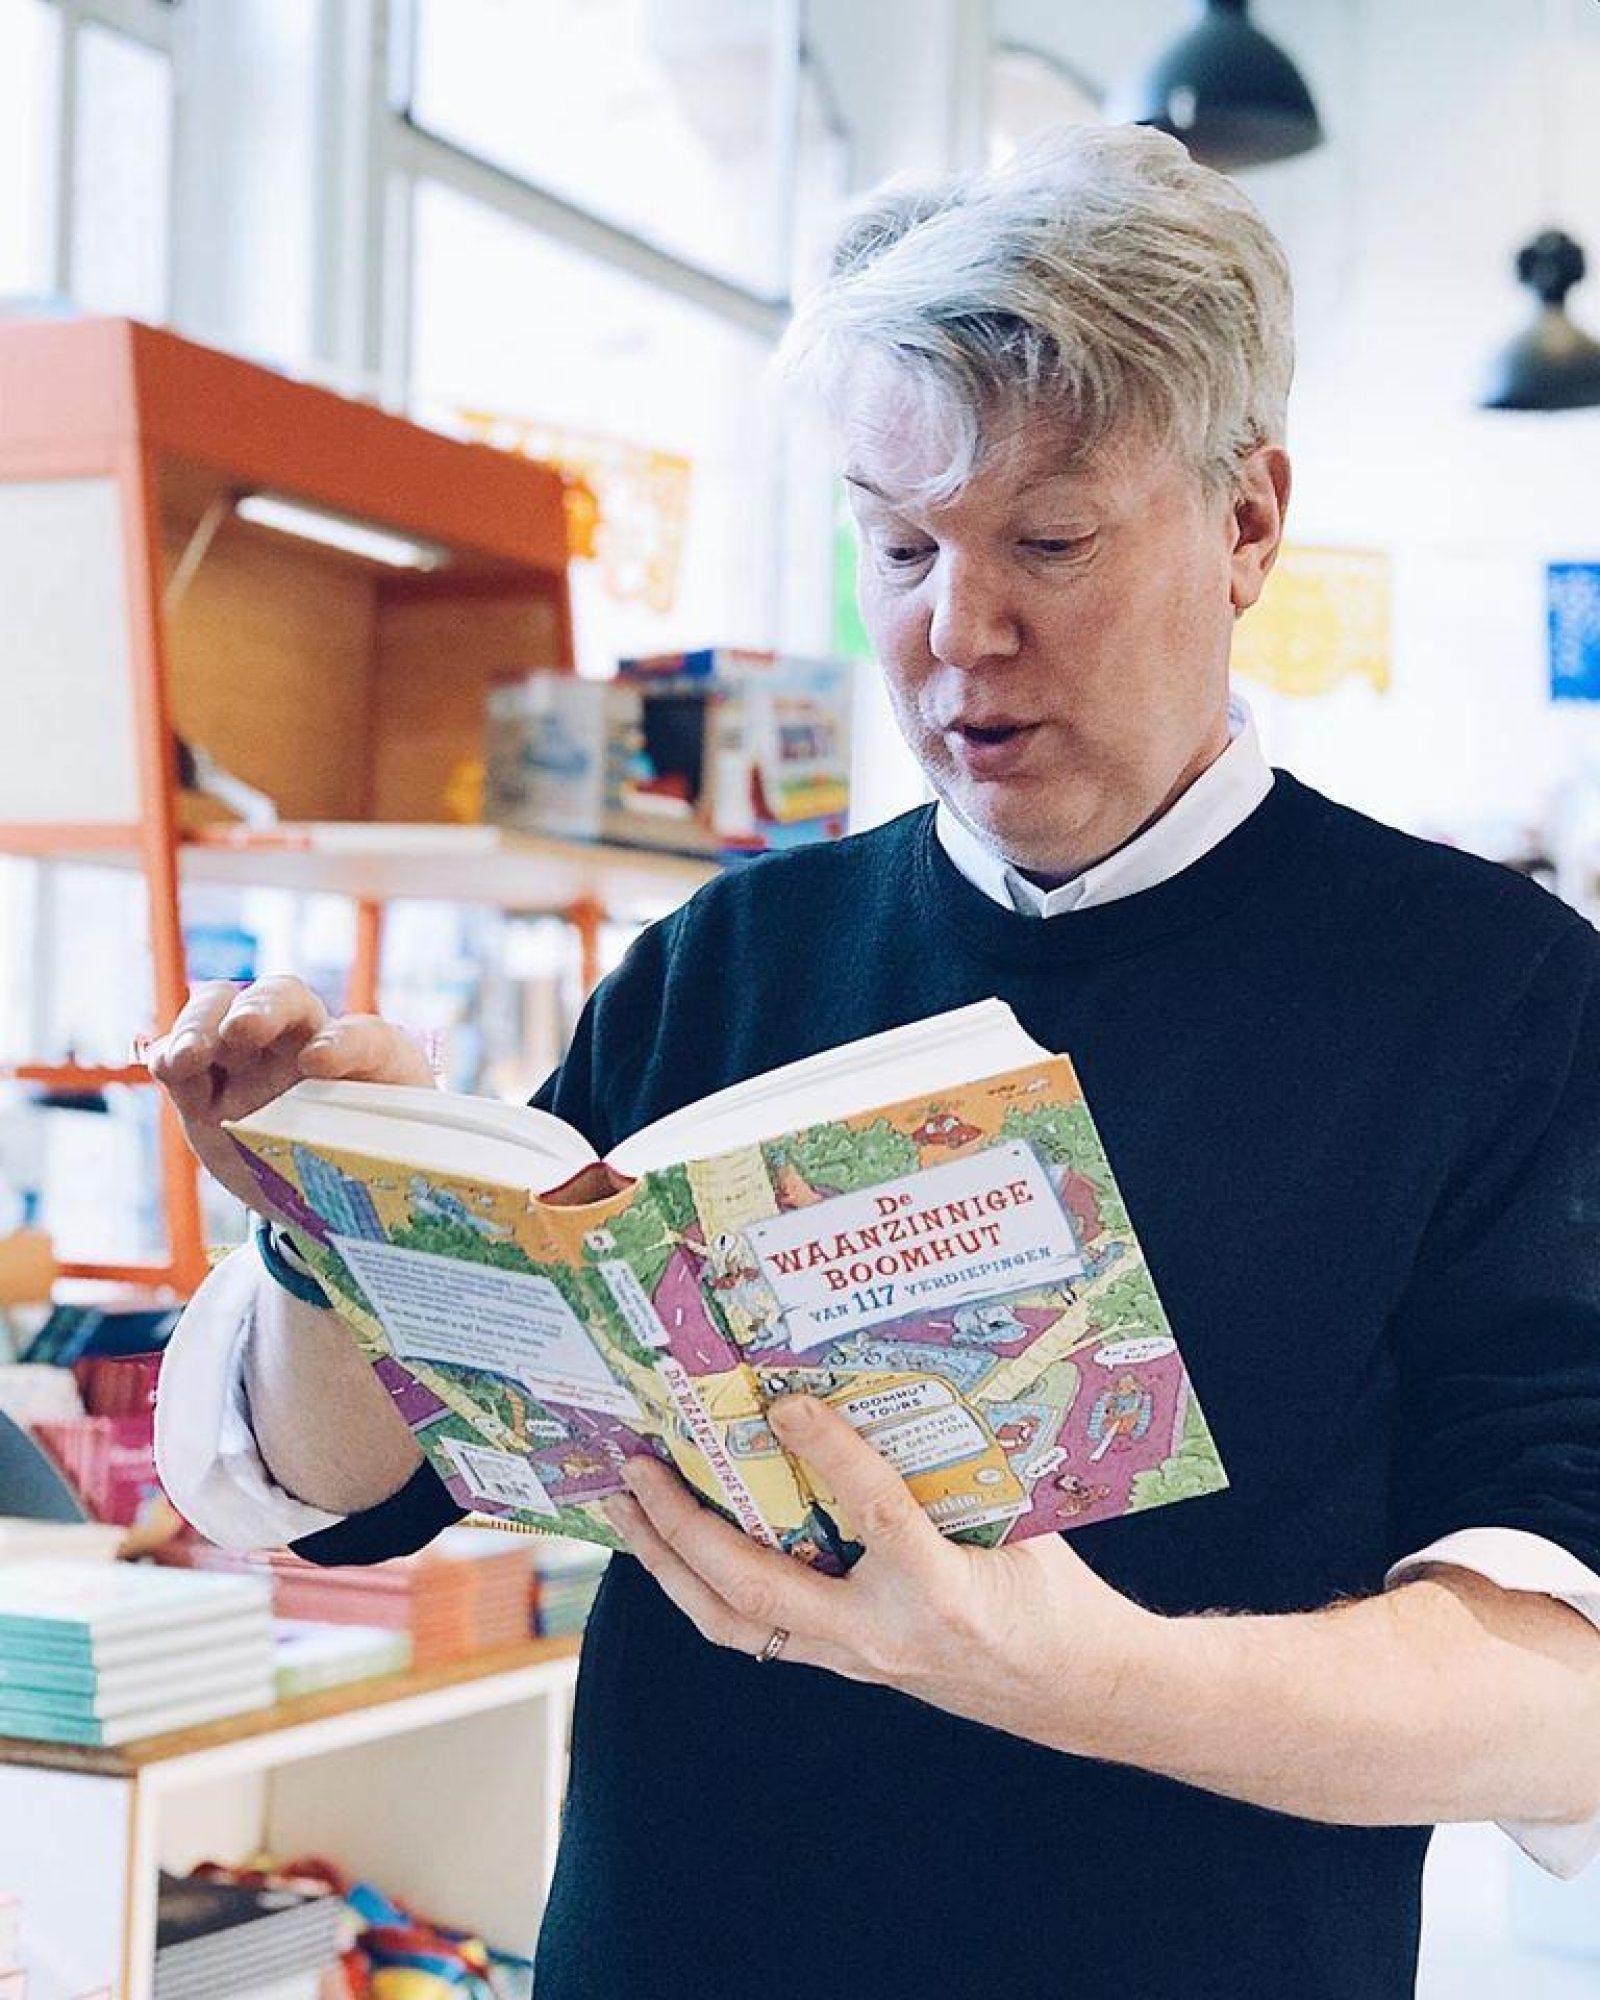 Daniel Albering leest een boek in de winkel